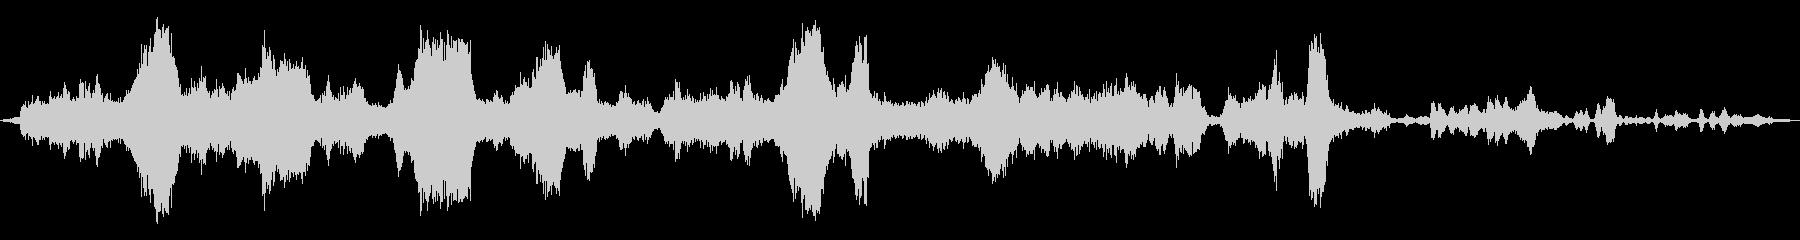 タイムトラベルミュージカルパルサーの未再生の波形